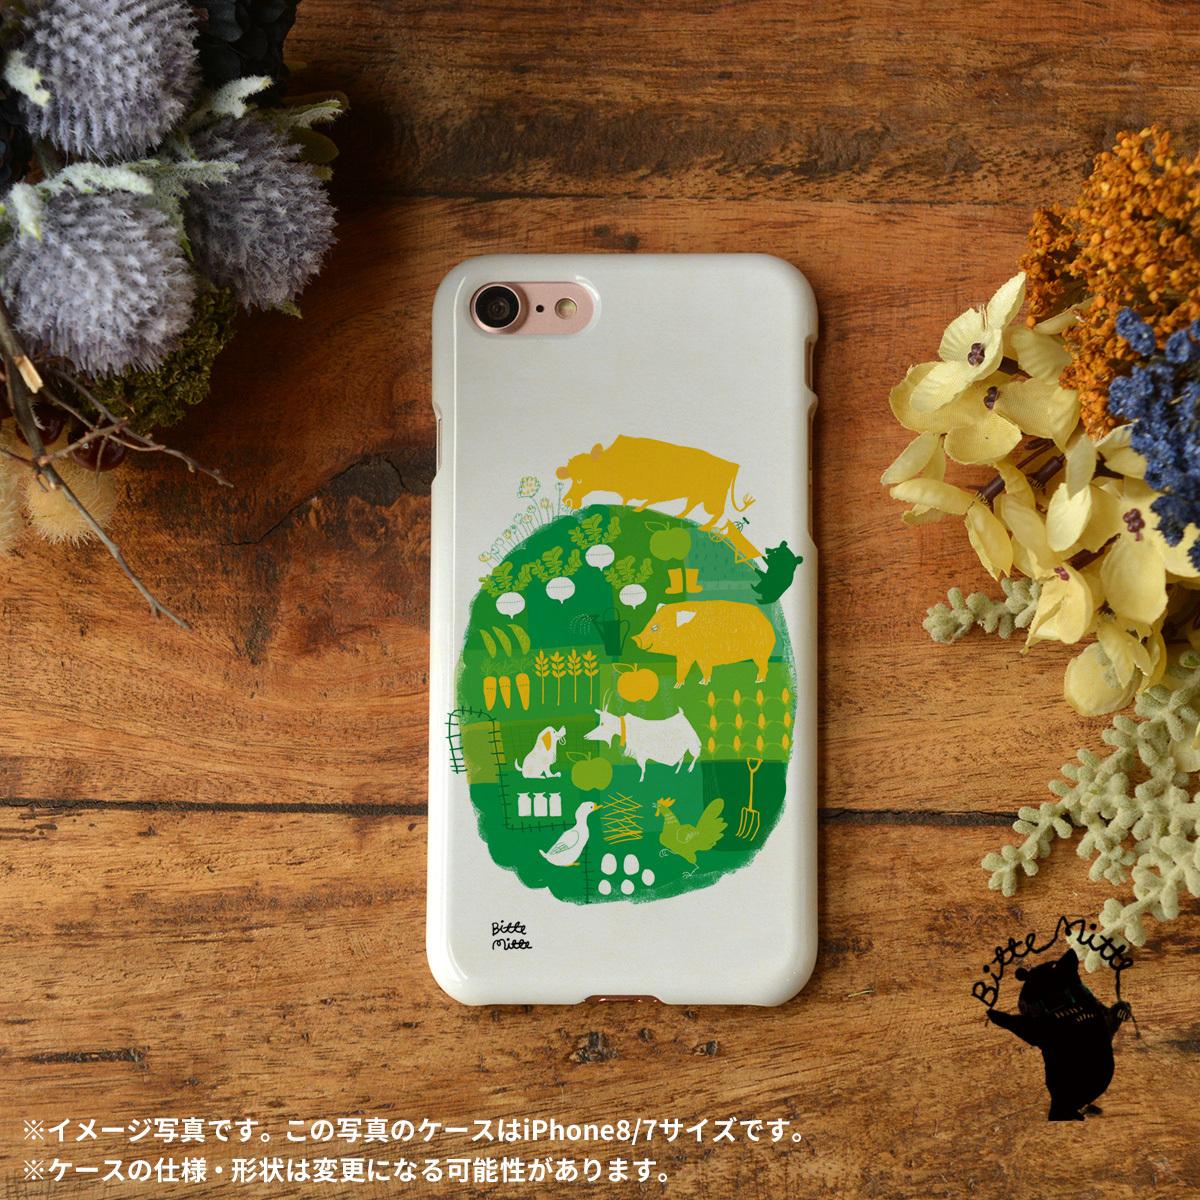 iphone8 ハードケース おしゃれ iphone8 ハードケース シンプル iphone7 ケース かわいい ハード  野菜 アニマル 牛 ブタ 鶏 みんなの農場/Bitte Mitte!